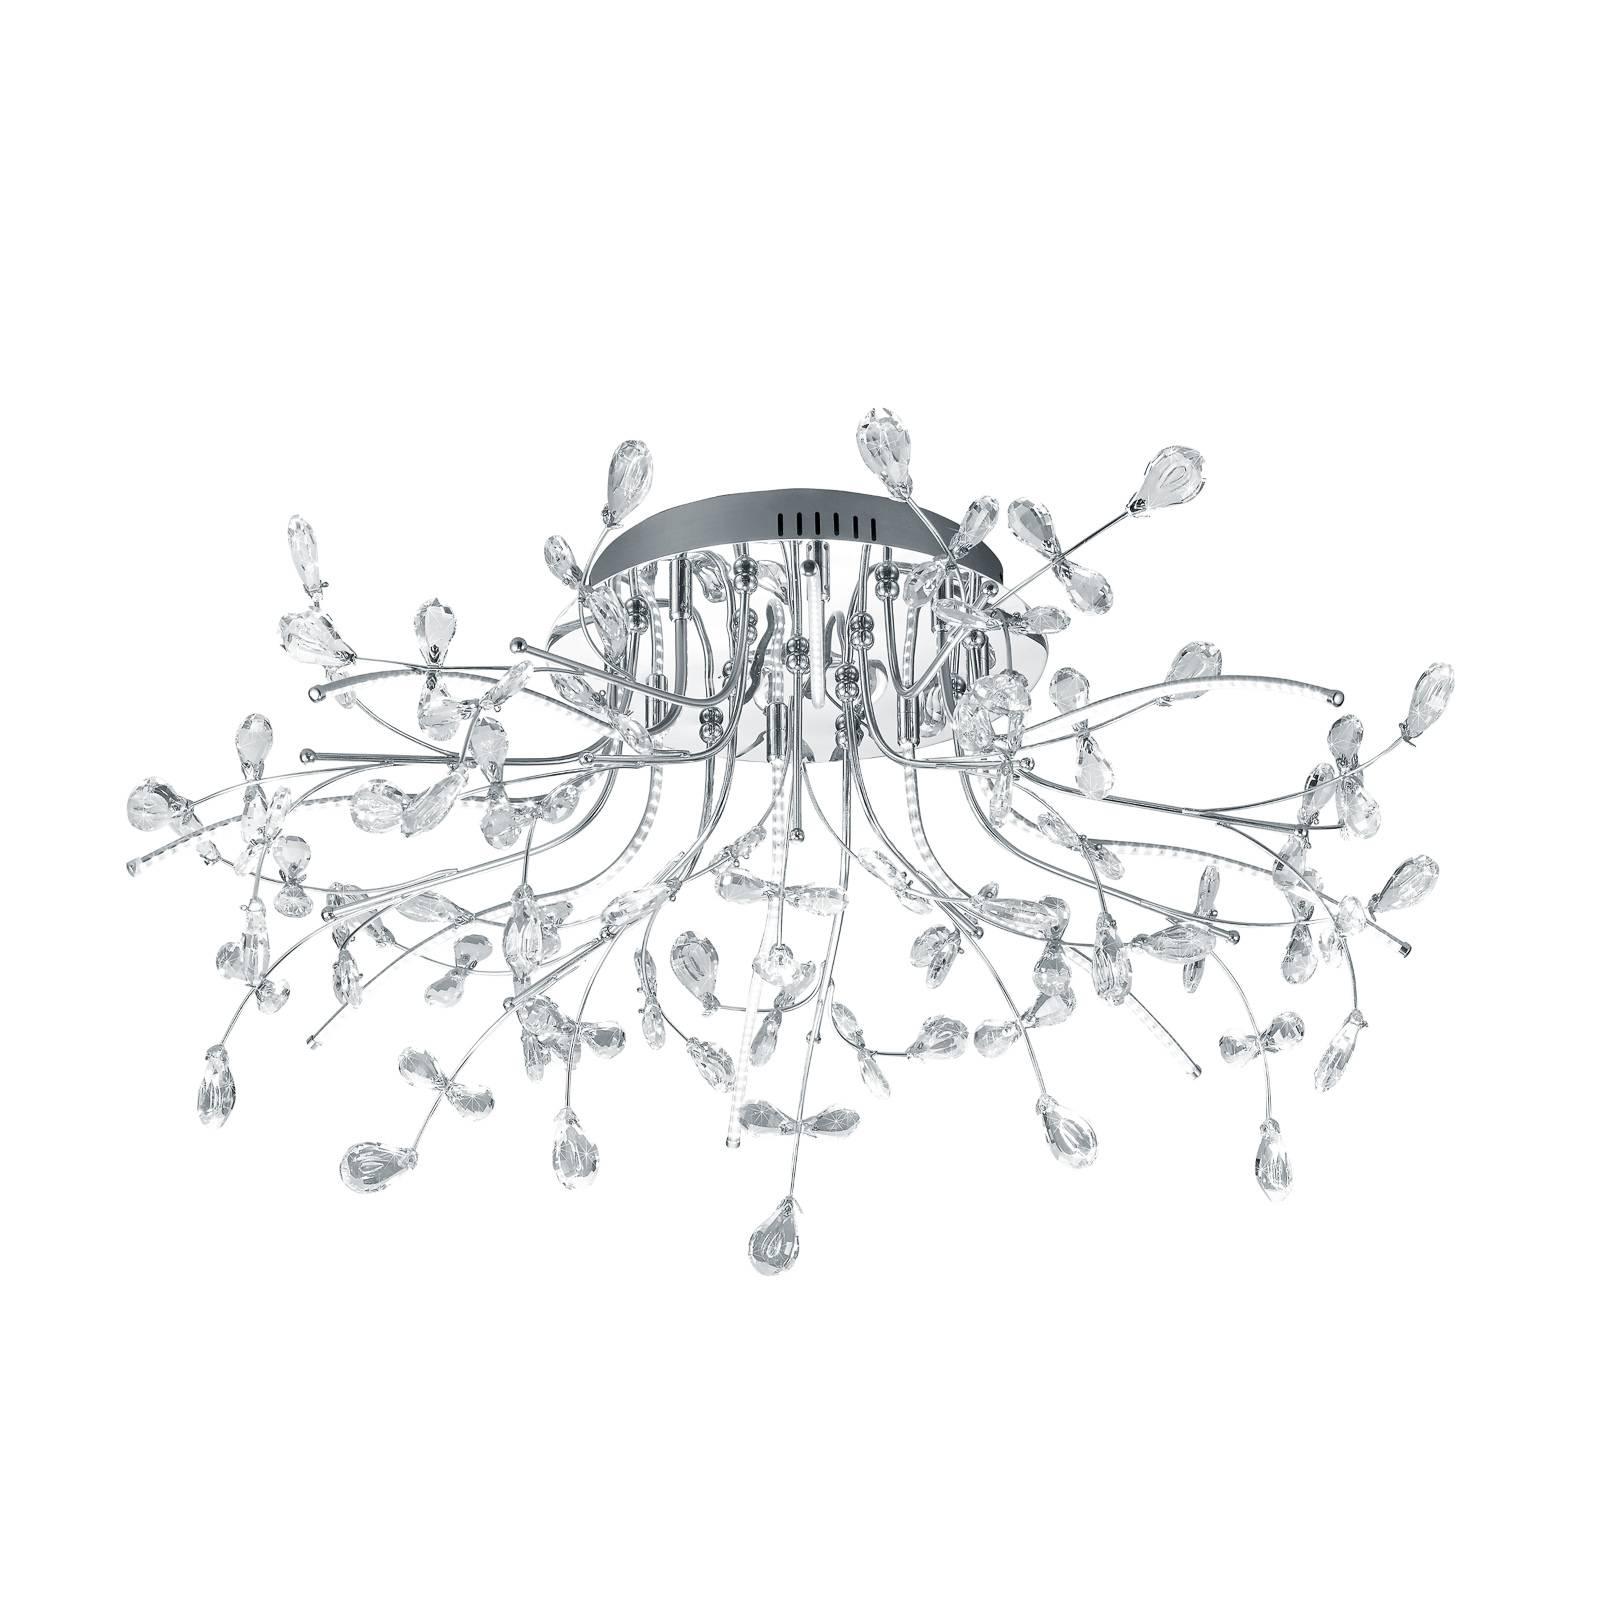 B-Leuchten Crystal Deckenleuchte, chrom, 77 cm